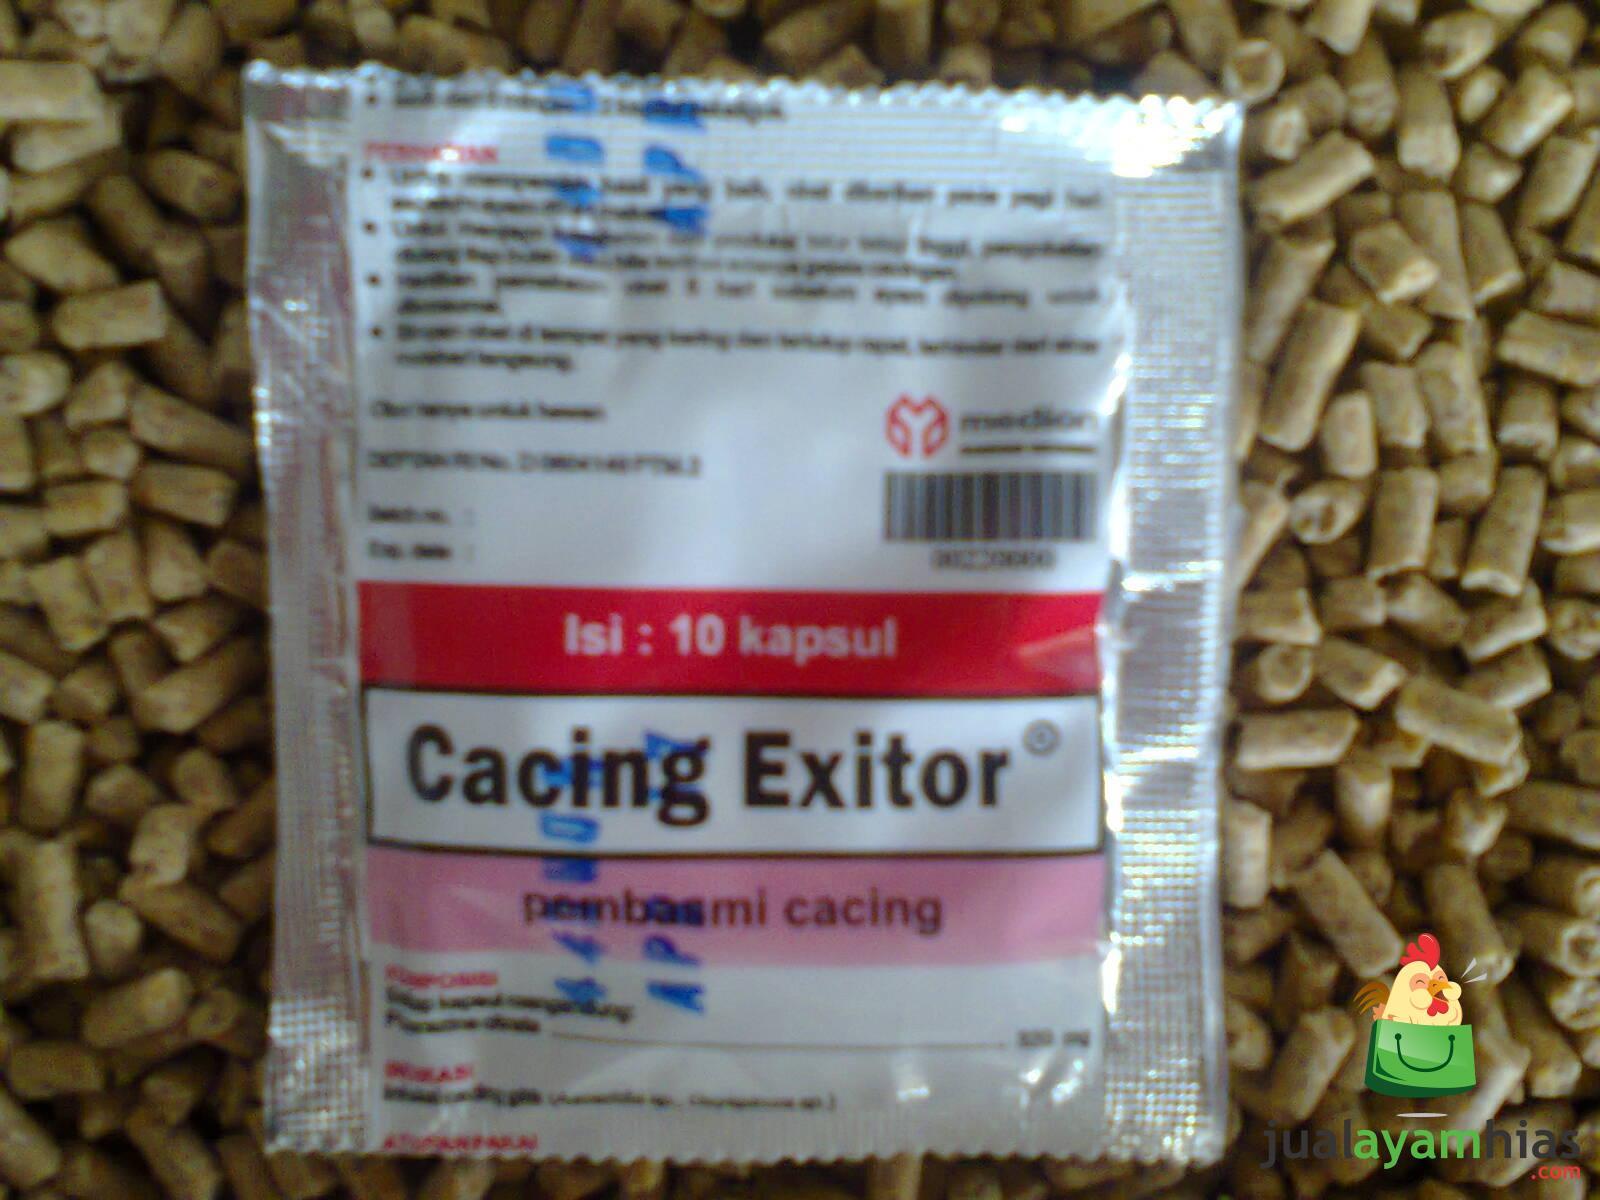 Obat Cacing Exitor dapat menyembuhkan ayam yang sedang sakit cacingan